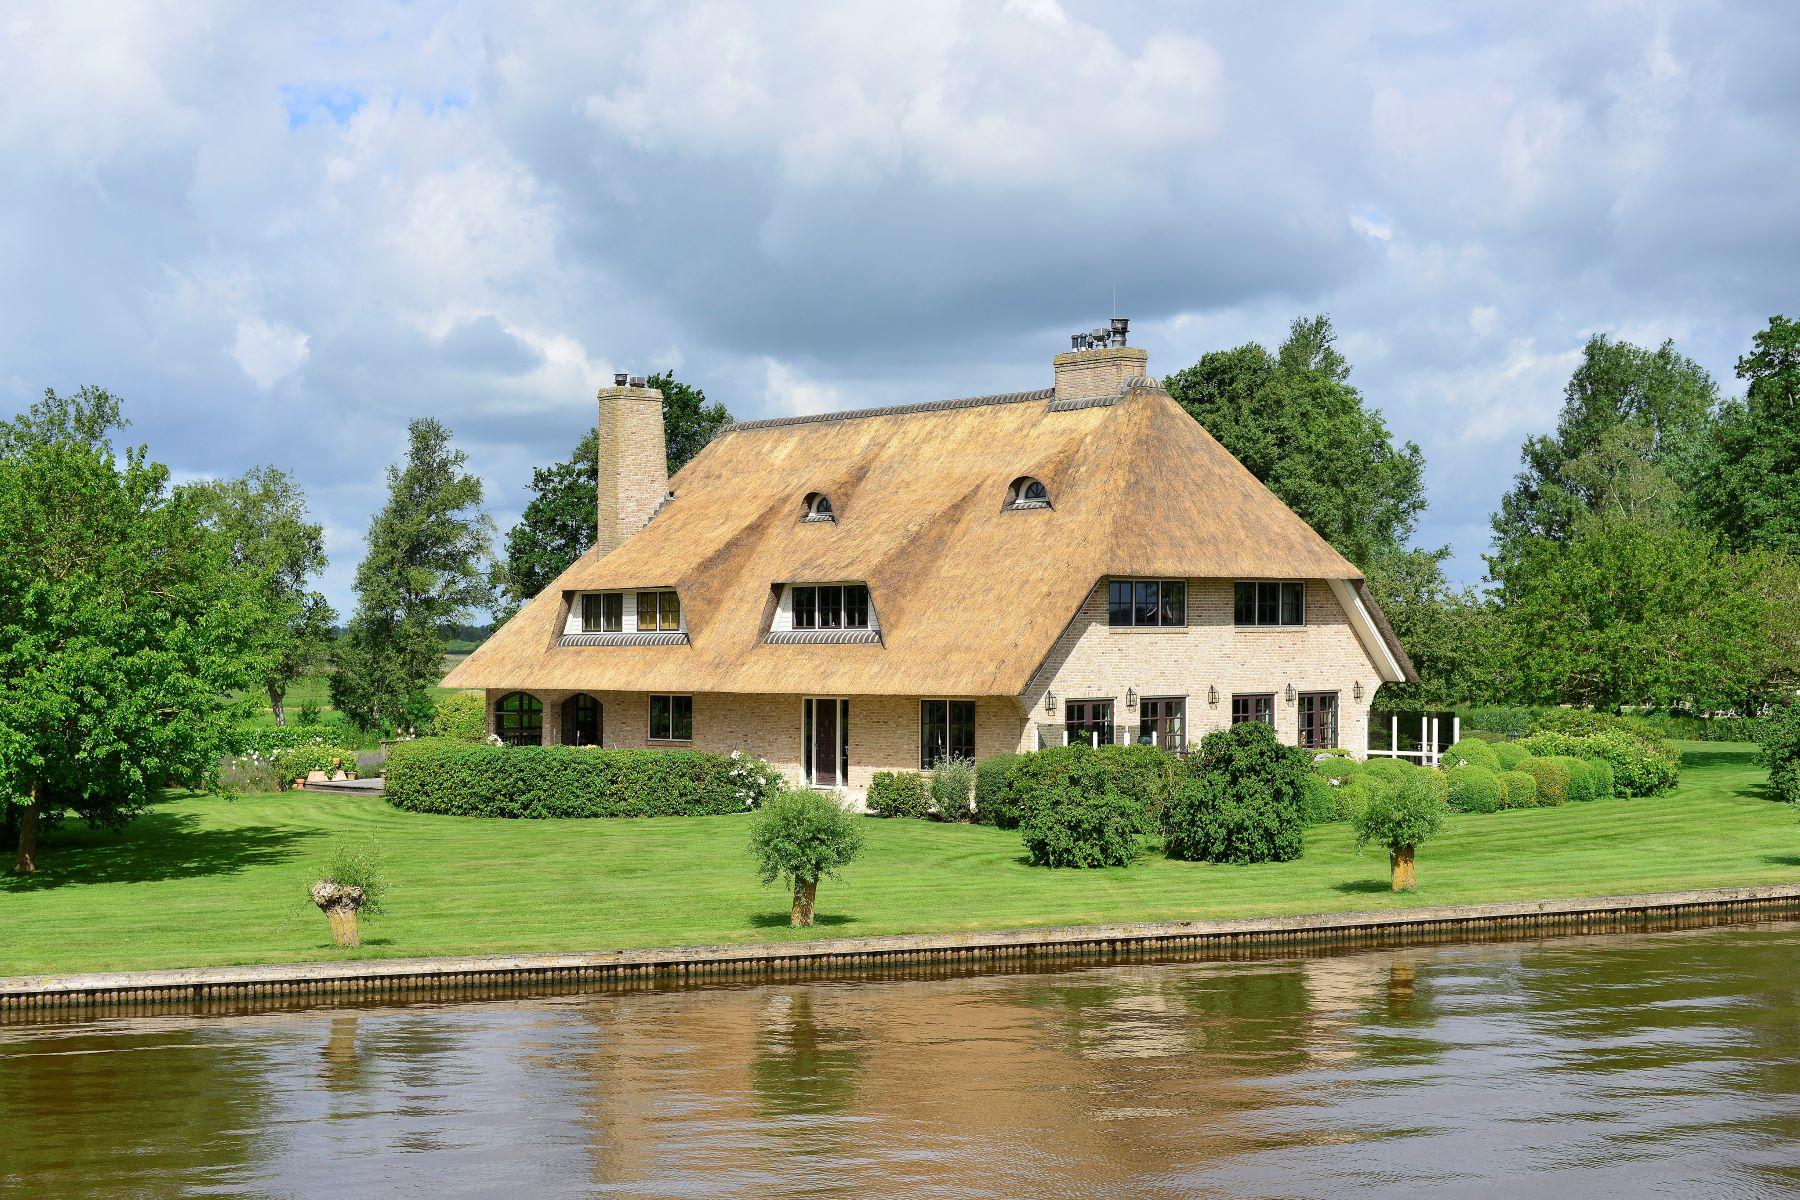 Частный односемейный дом для того Продажа на Countryhouse with thatched roof Wetering West 45, Wetering, Overijssel, 8363 TM Нидерланды